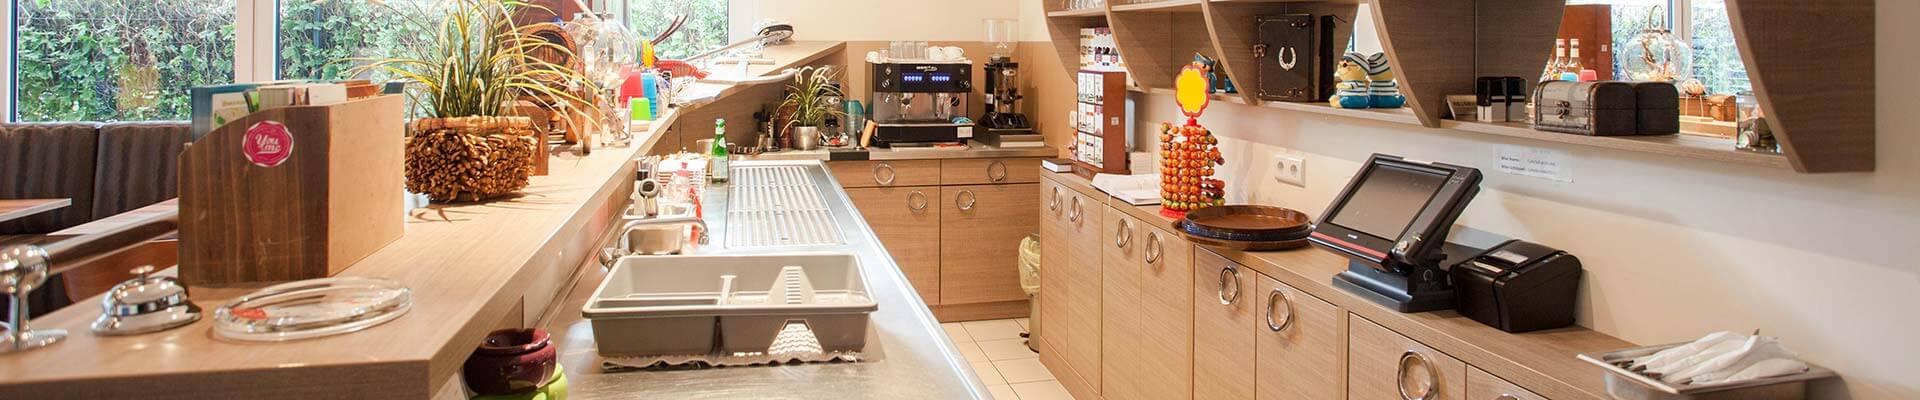 cafe-schatztruhe-eintrittspreise-header 2